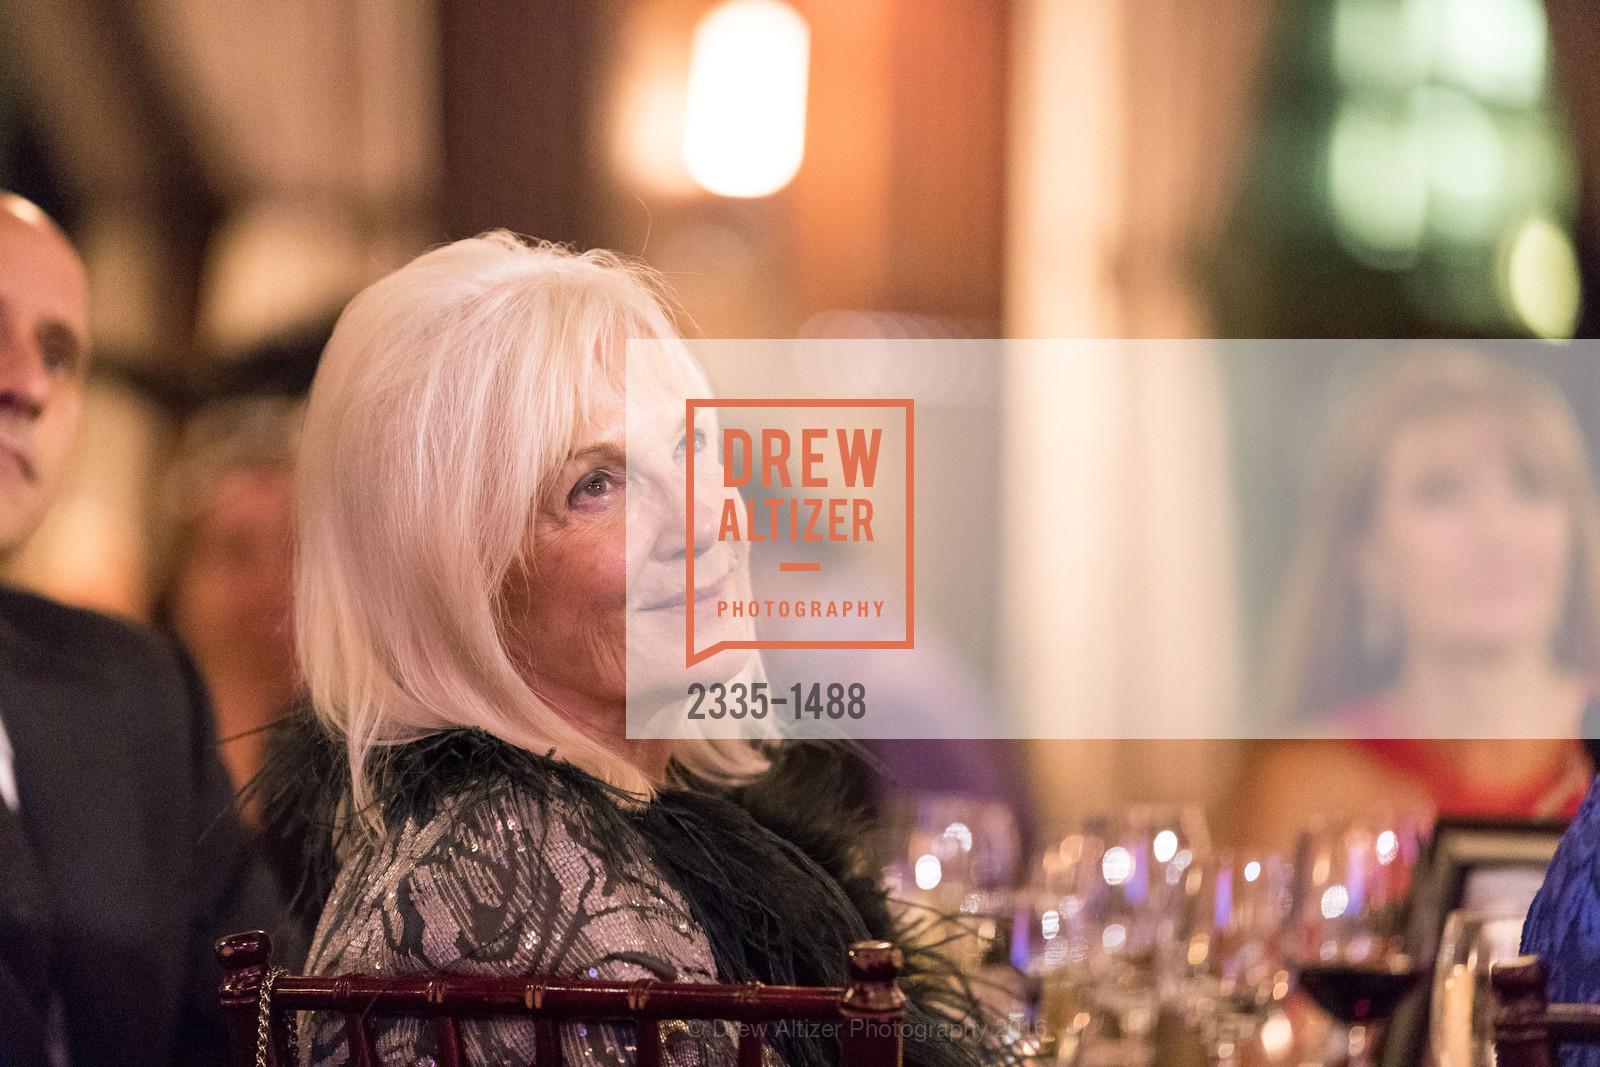 Arlene Inch, Photo #2335-1488